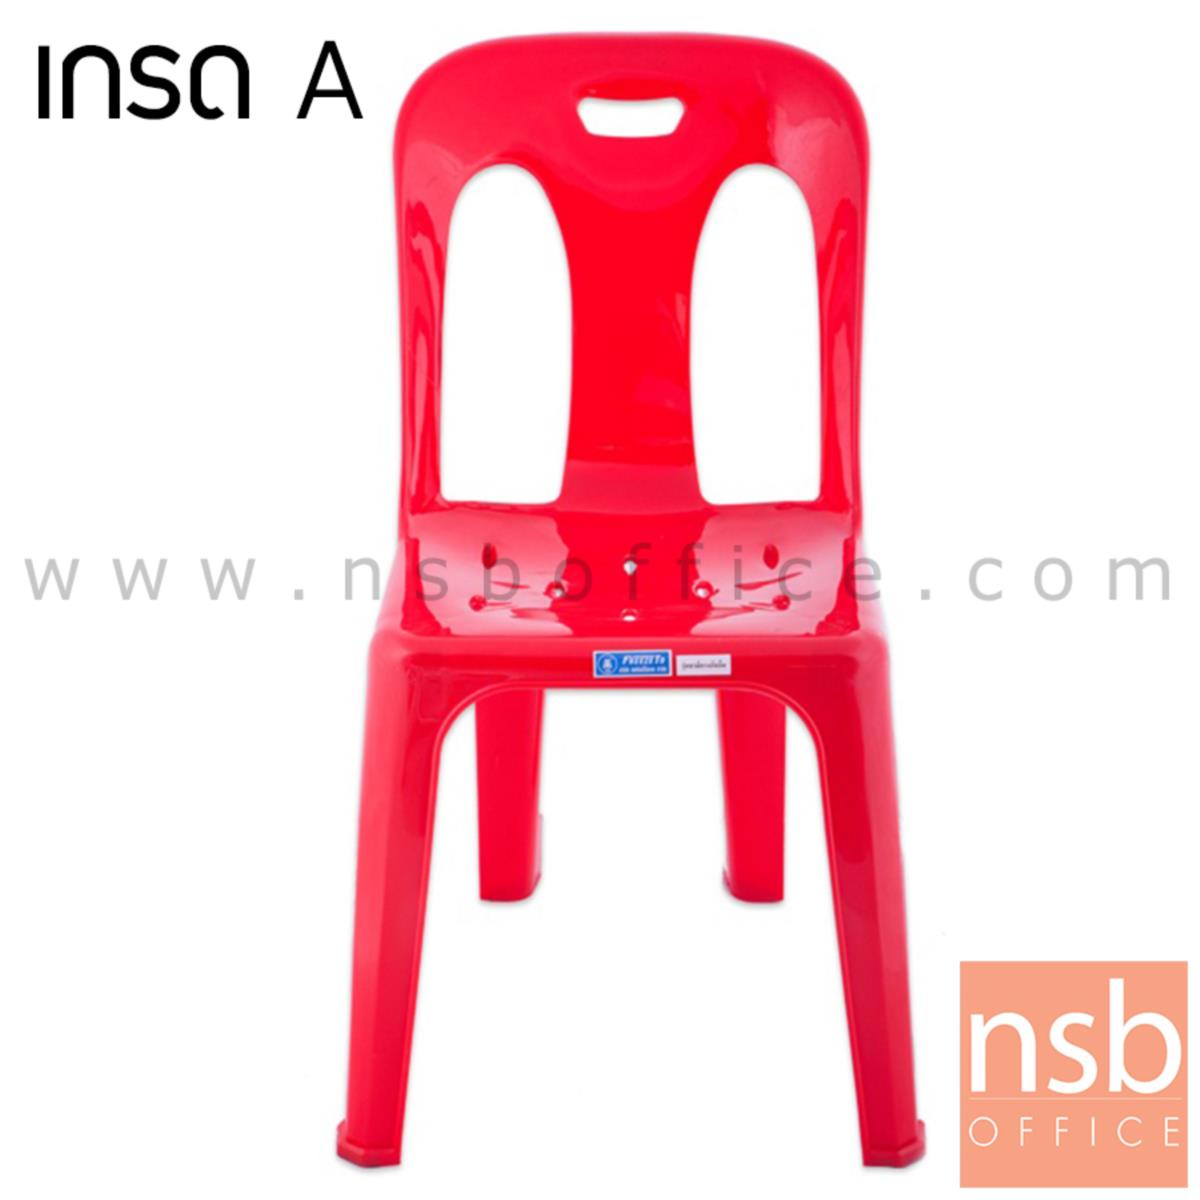 เก้าอี้พลาสติก รุ่น SILVER _CHAIR ซ้อนเก็บได้ (พลาสติกเกรด A)